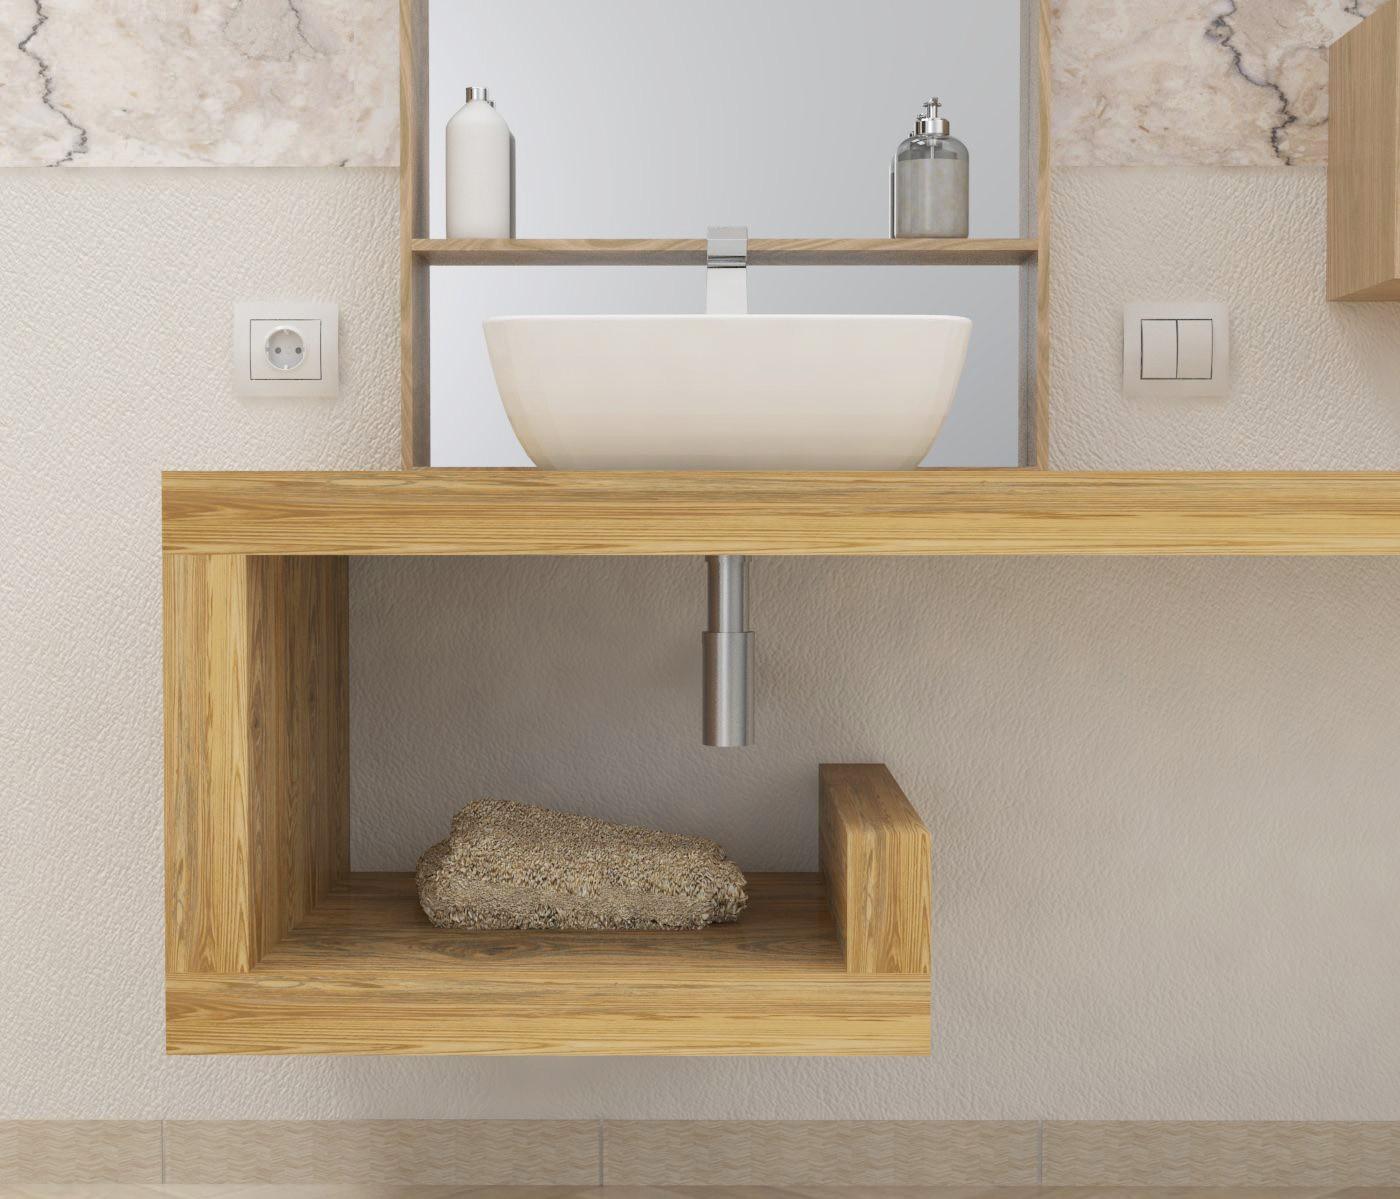 meuble sous evier bois massif latest fabulous fascinante armoire salle de bain meuble pour. Black Bedroom Furniture Sets. Home Design Ideas